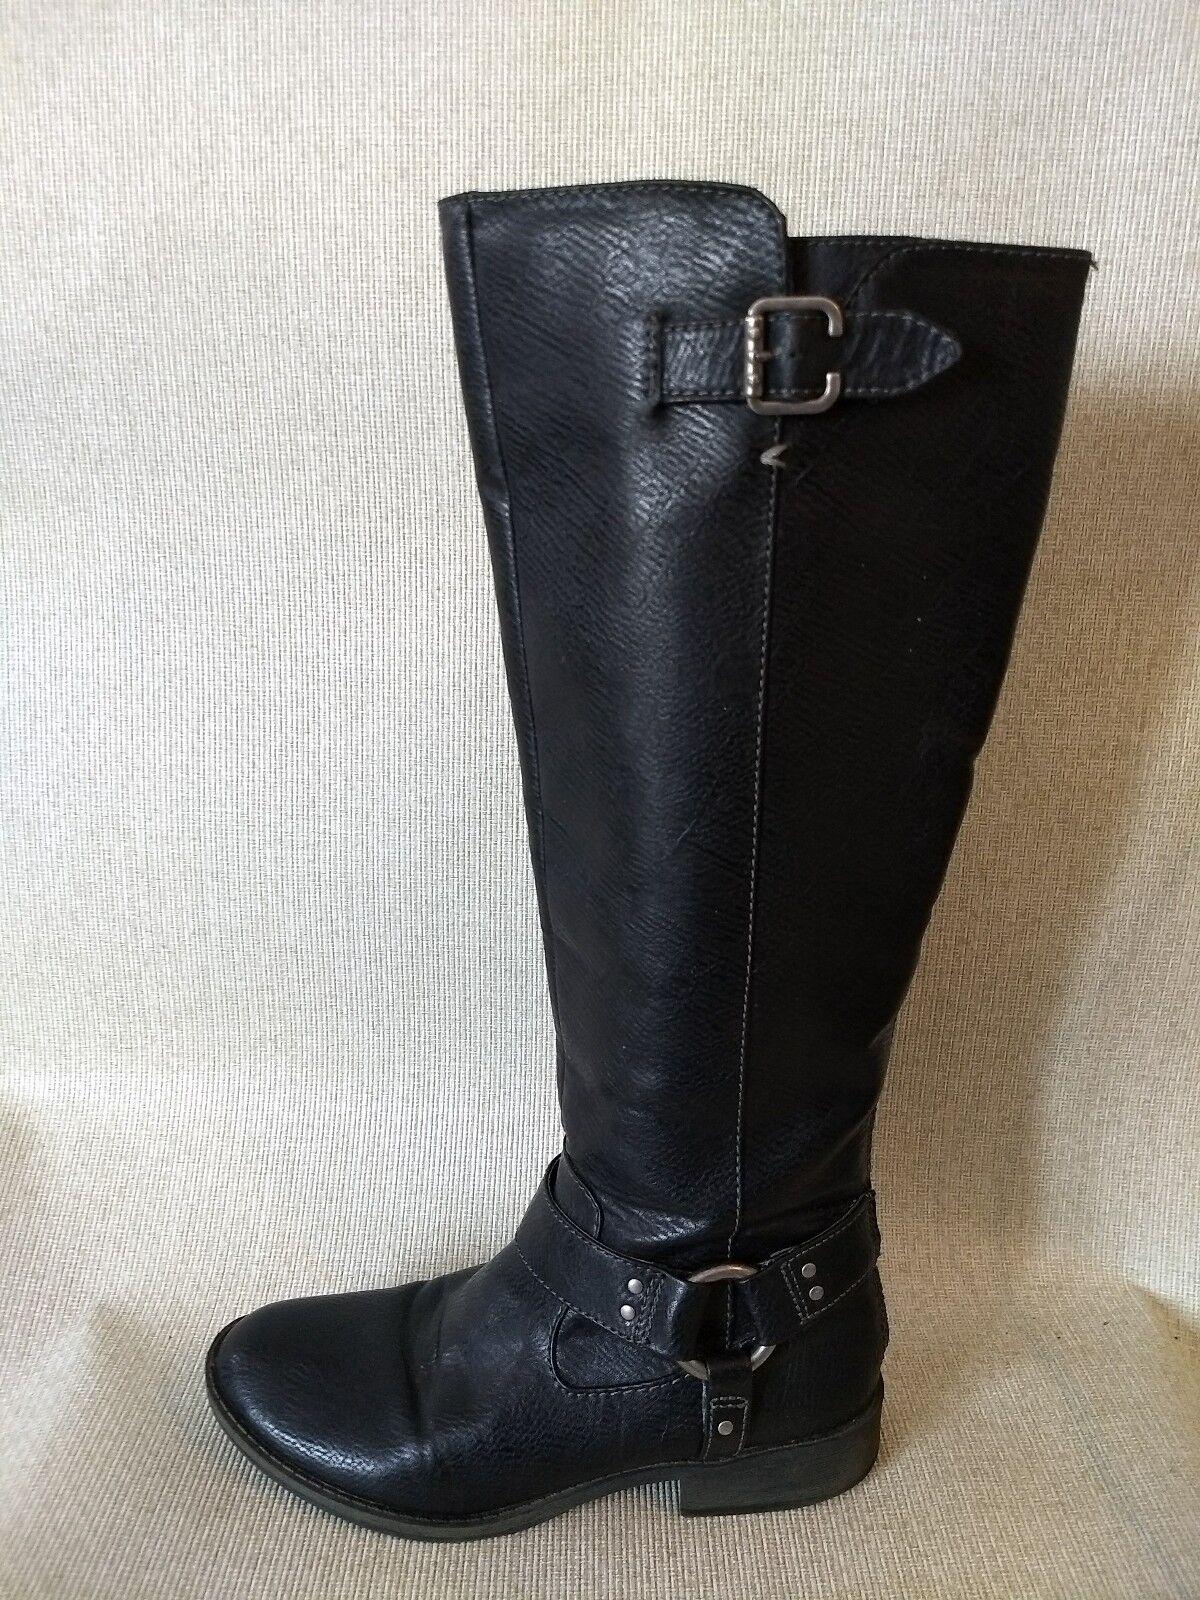 Dr Scholl's Knee High Zipper Buckles Low Heel Comfort Women's Boots Black Sz 6M